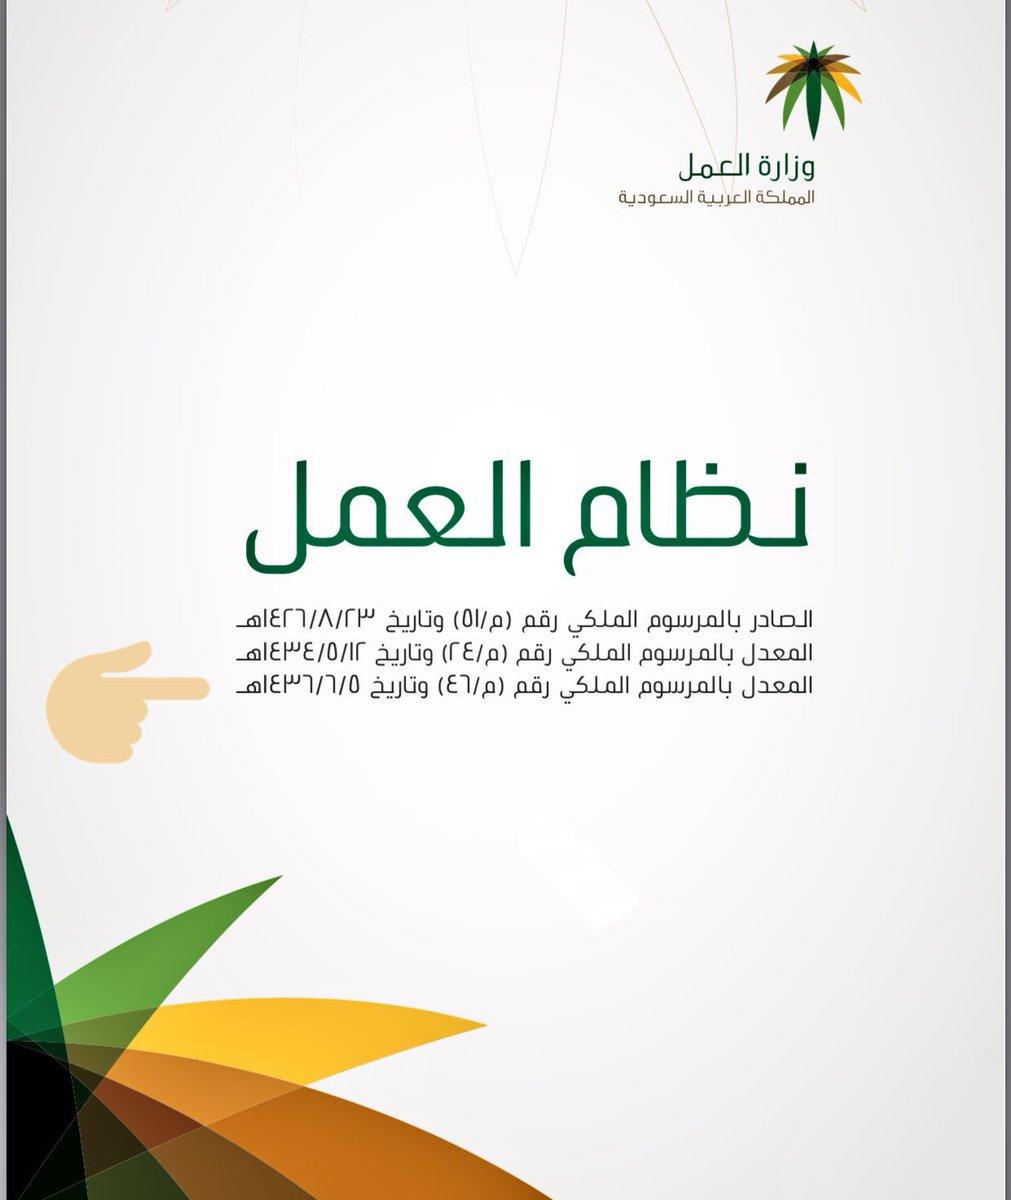 كتاب نظام العمل السعودي الجديد